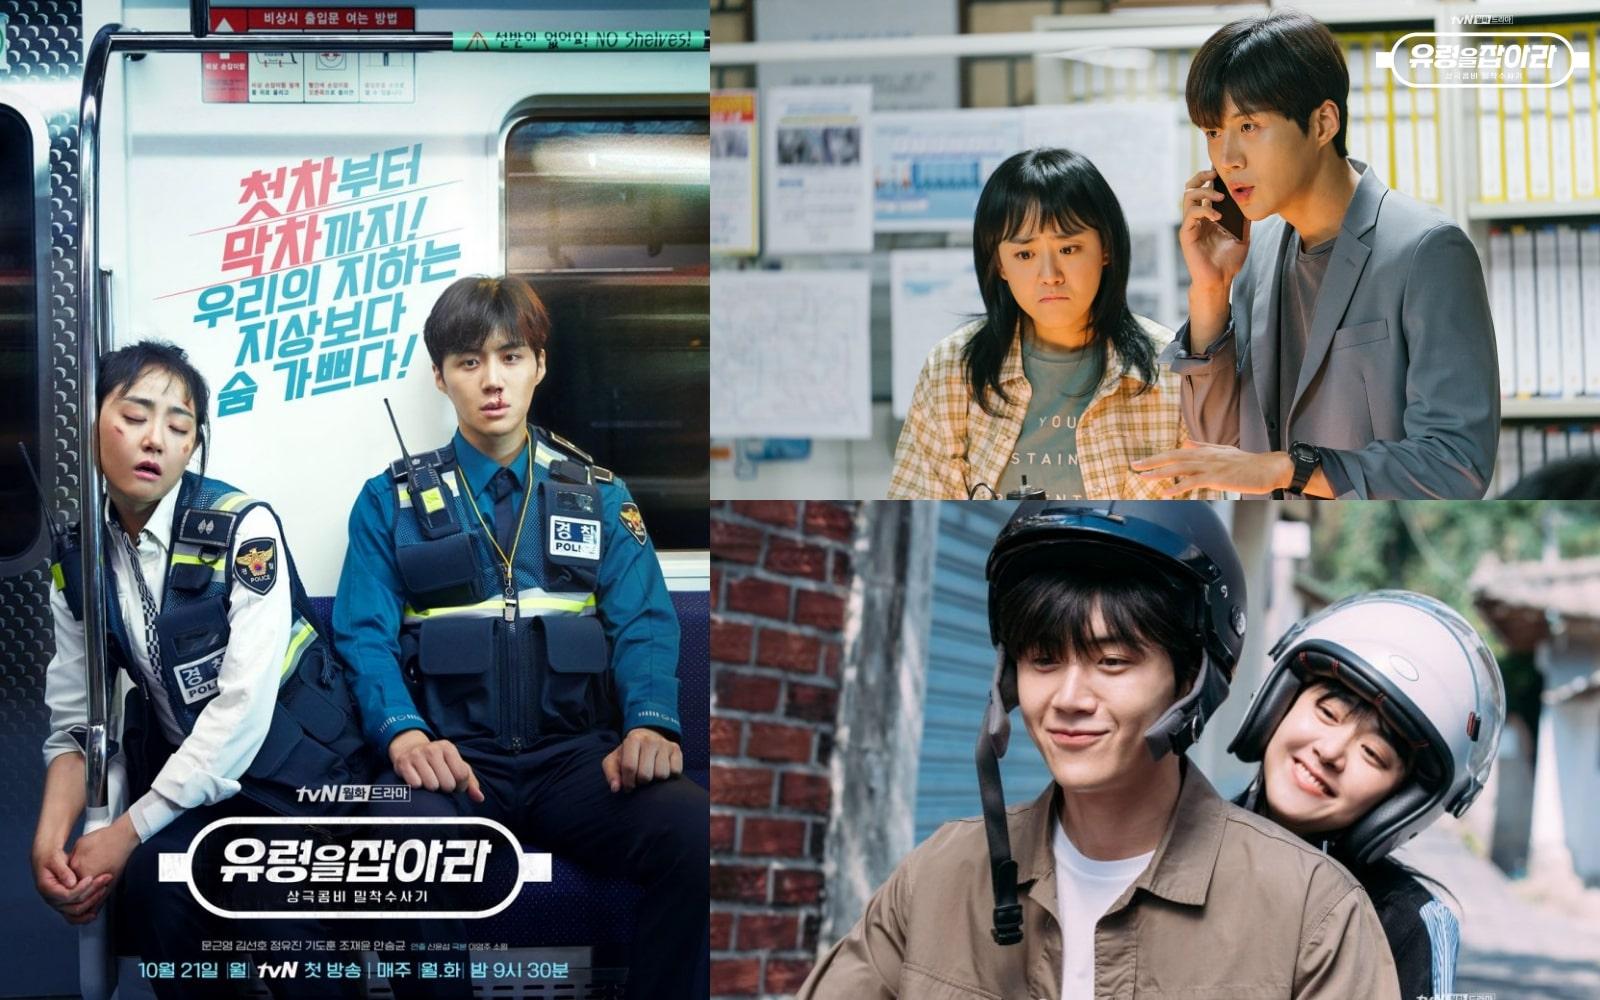 10 ซีรี่ย์เกาหลีนางเอกเป็นตำรวจ ลุคเท่ ๆ สวยสตรอง!